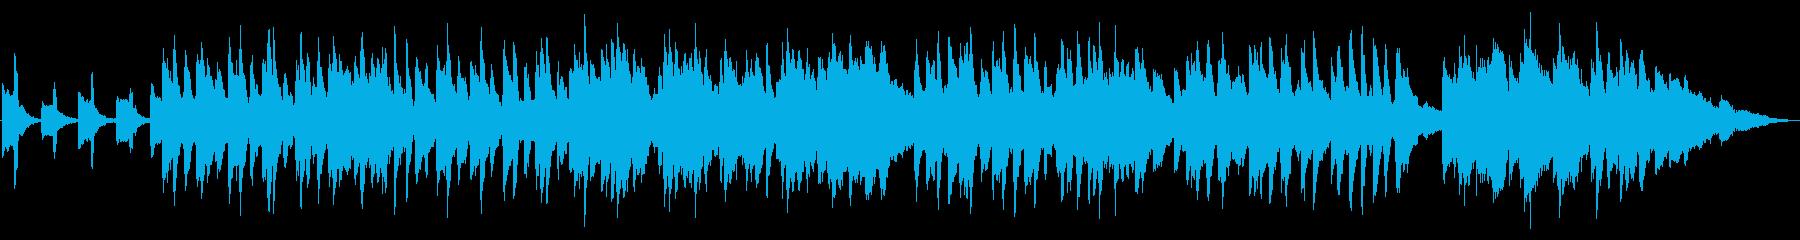 怪しい夜のハロウィンパーティのピアノ曲の再生済みの波形